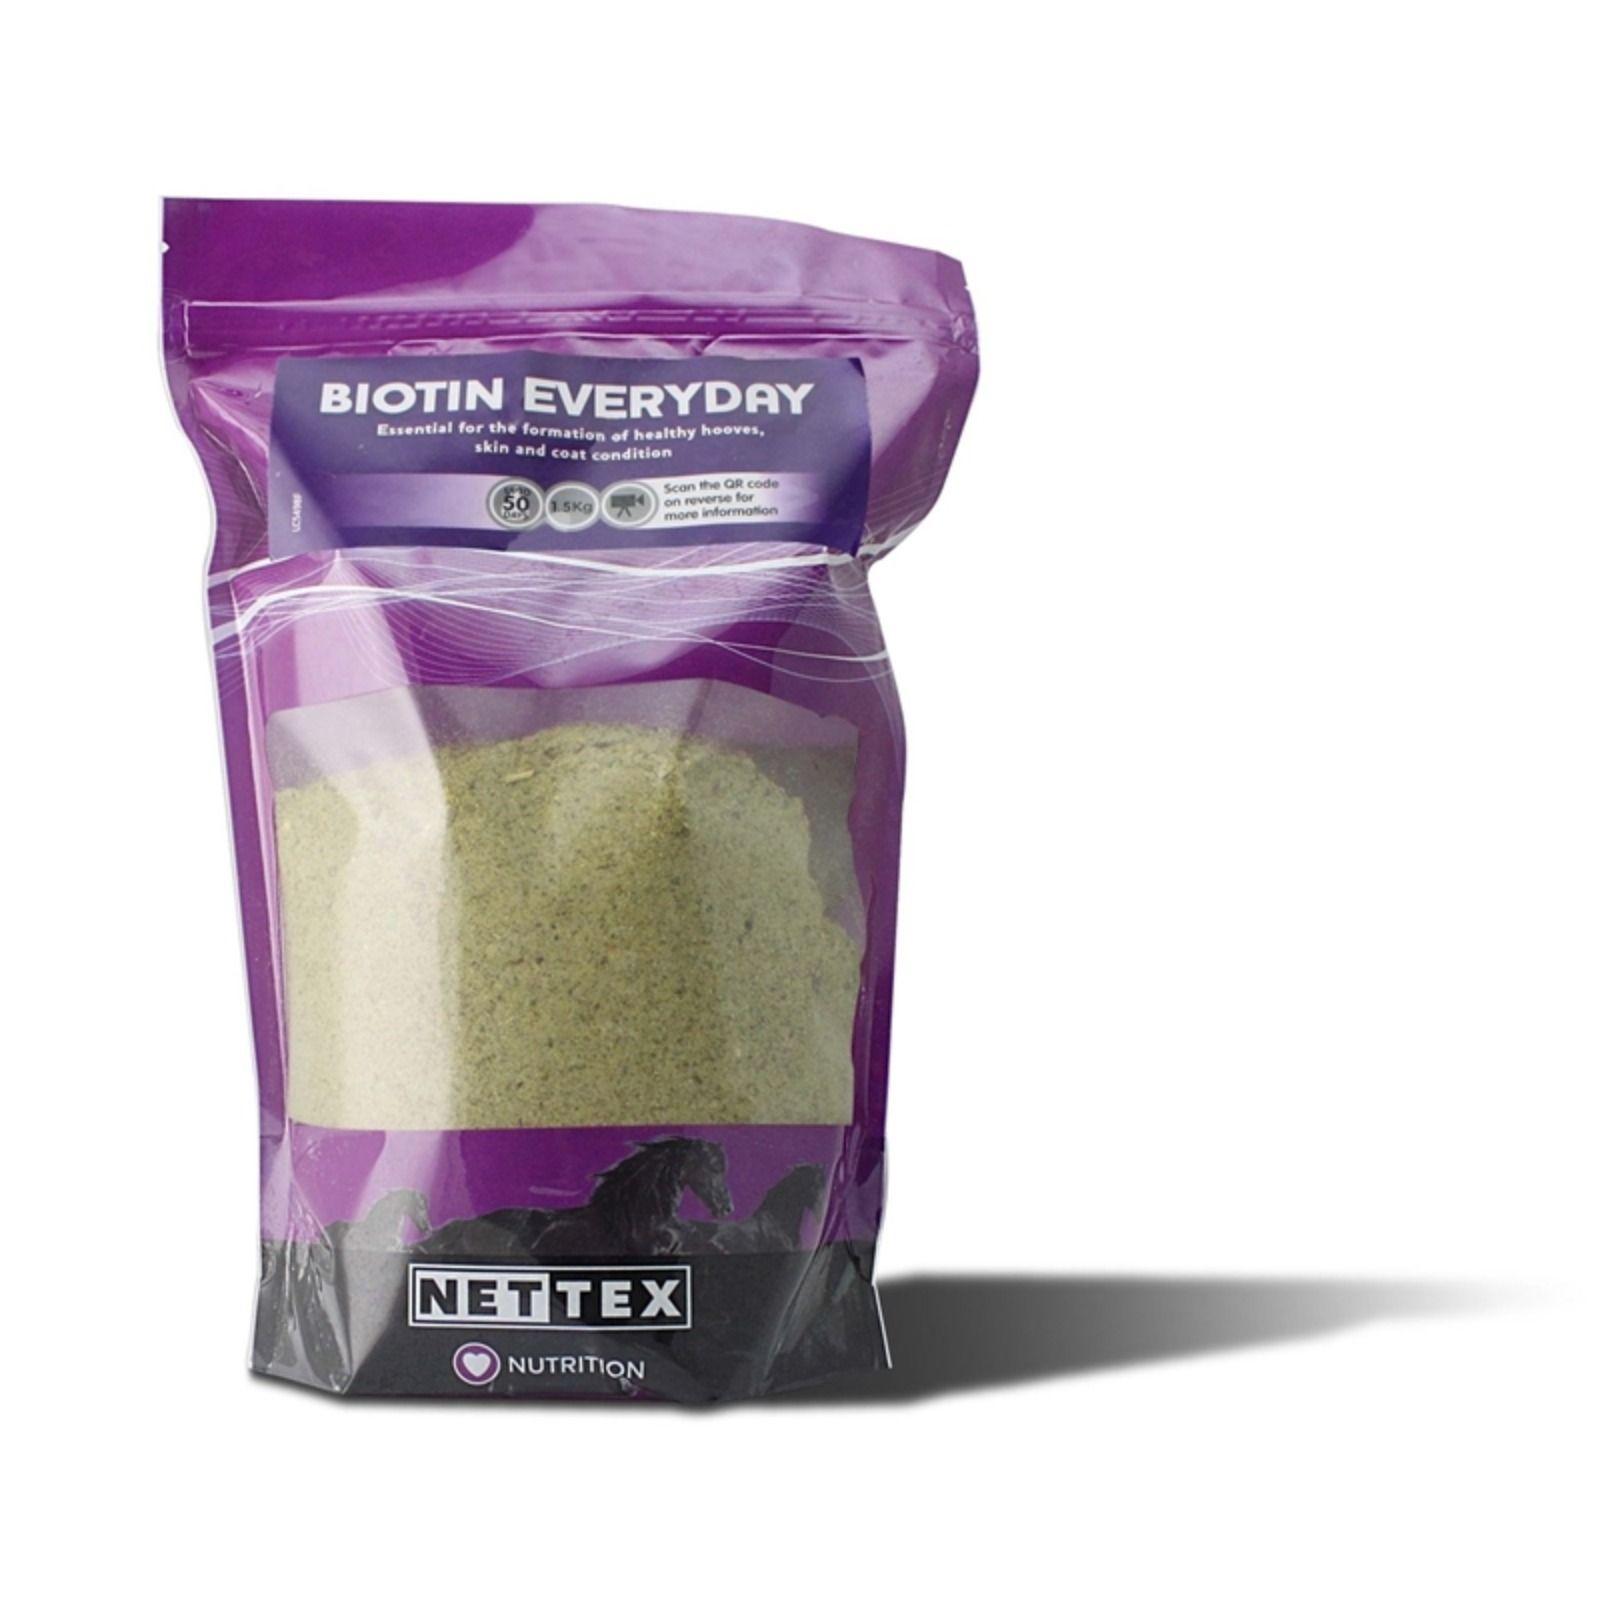 Nettex Biotin Everyday 1.5kg